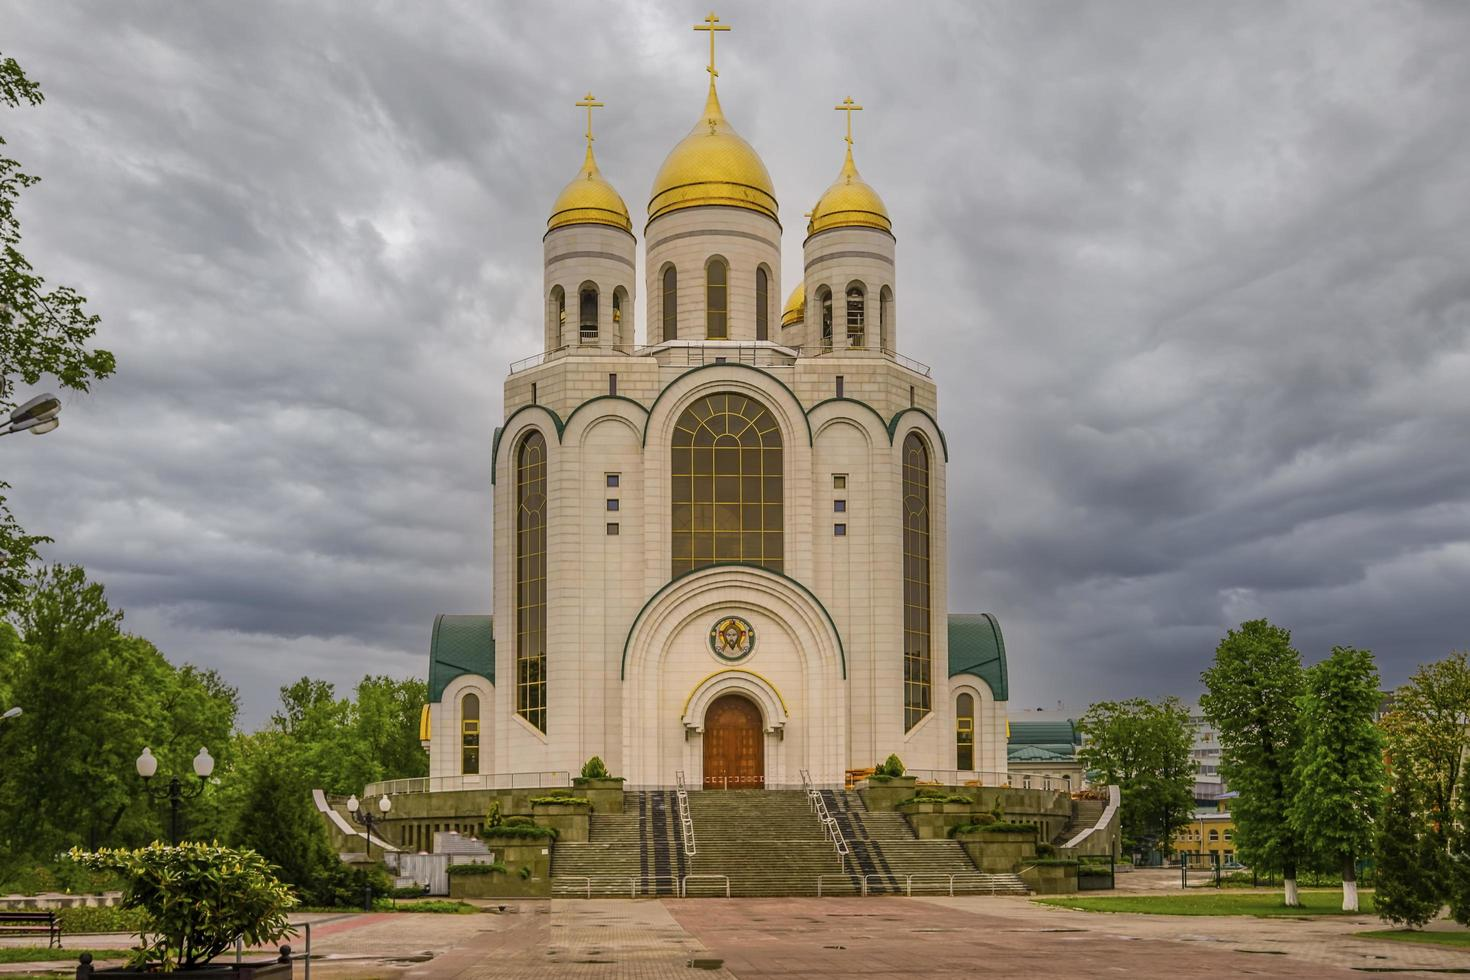 la catedral de cristo salvador en el centro de la ciudad. foto